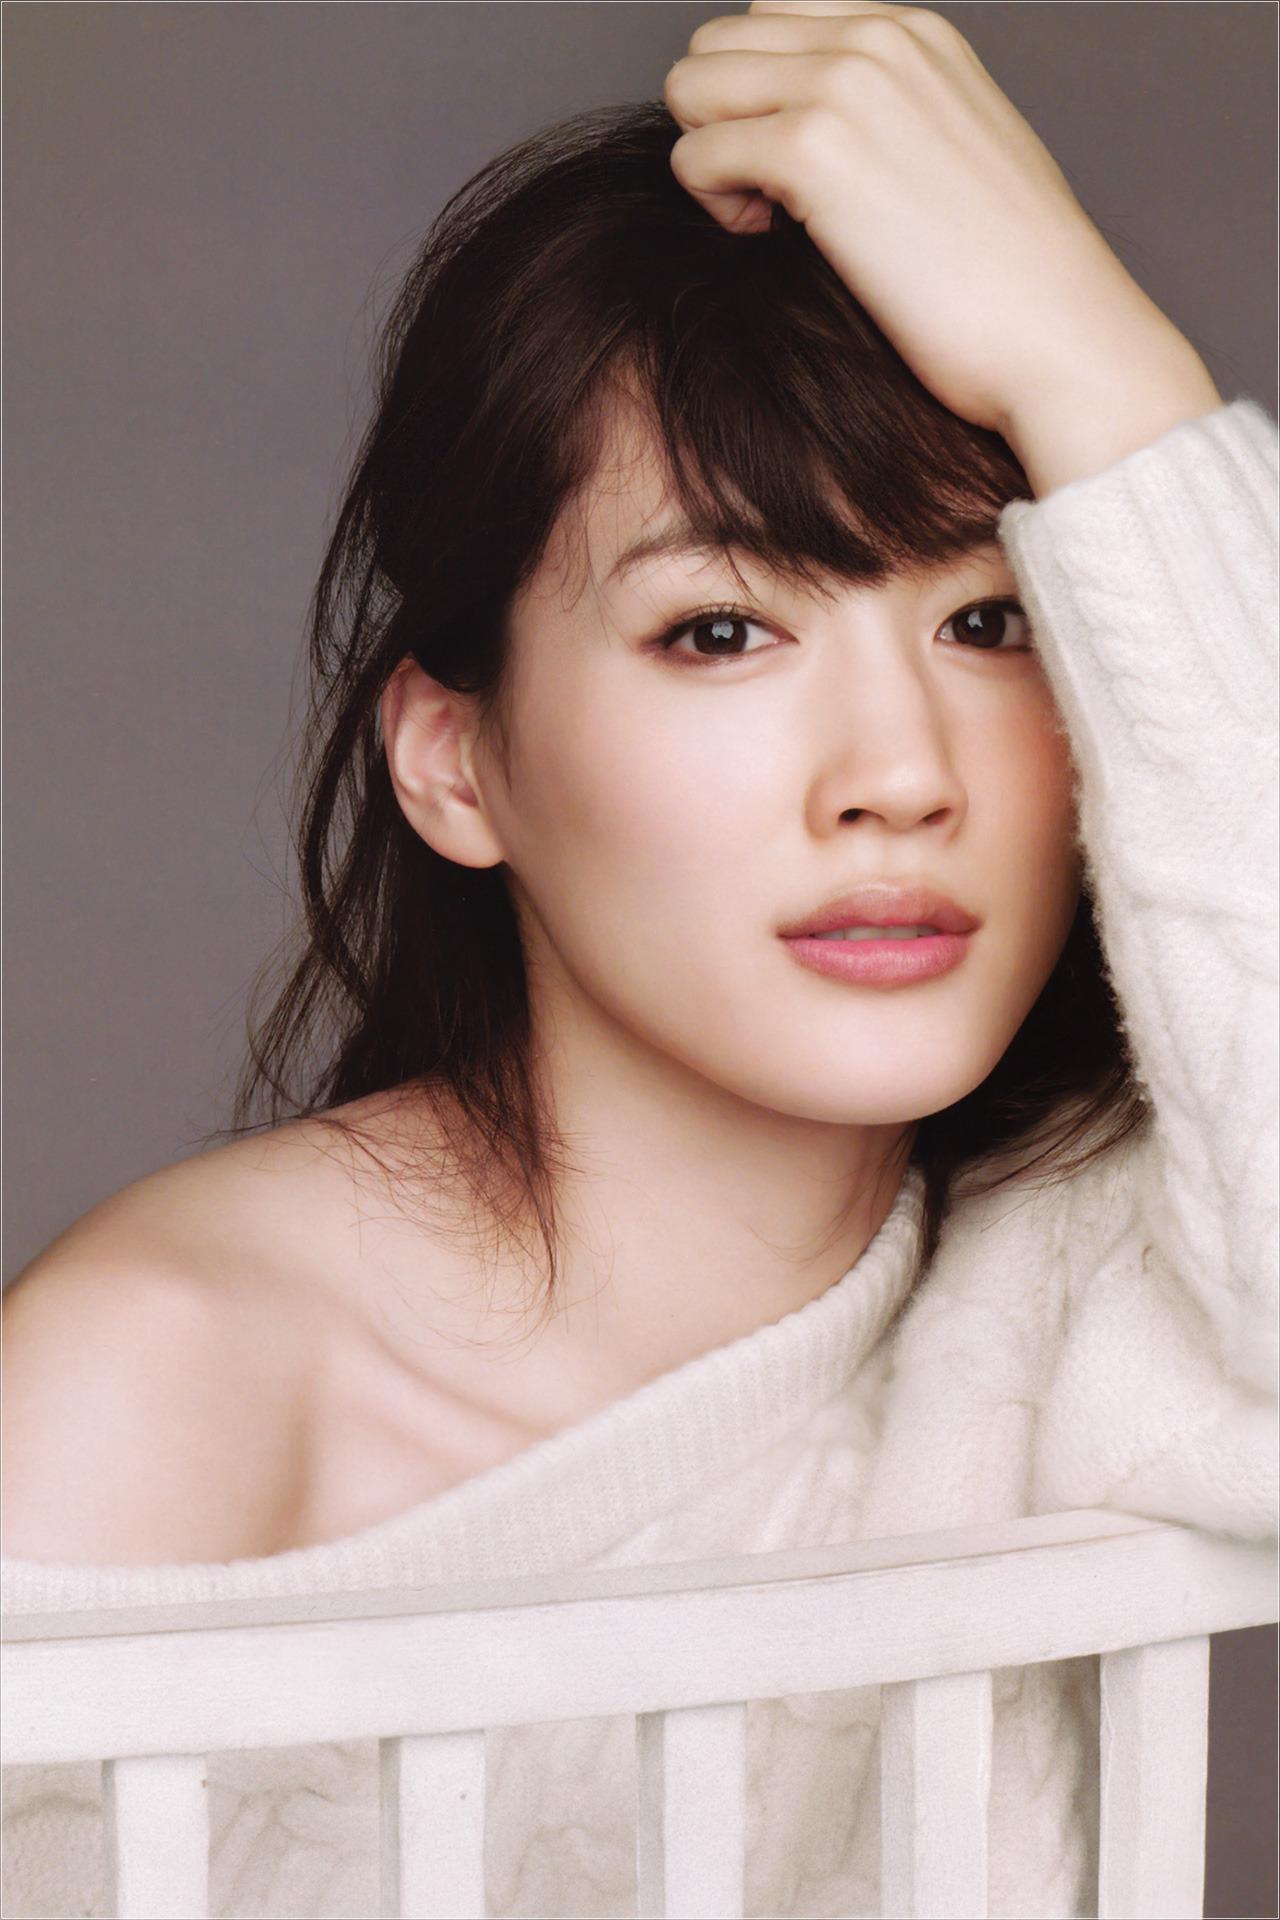 綾瀬はるかさんの憧れの美ボディゲットのためのダイエット方法!のサムネイル画像